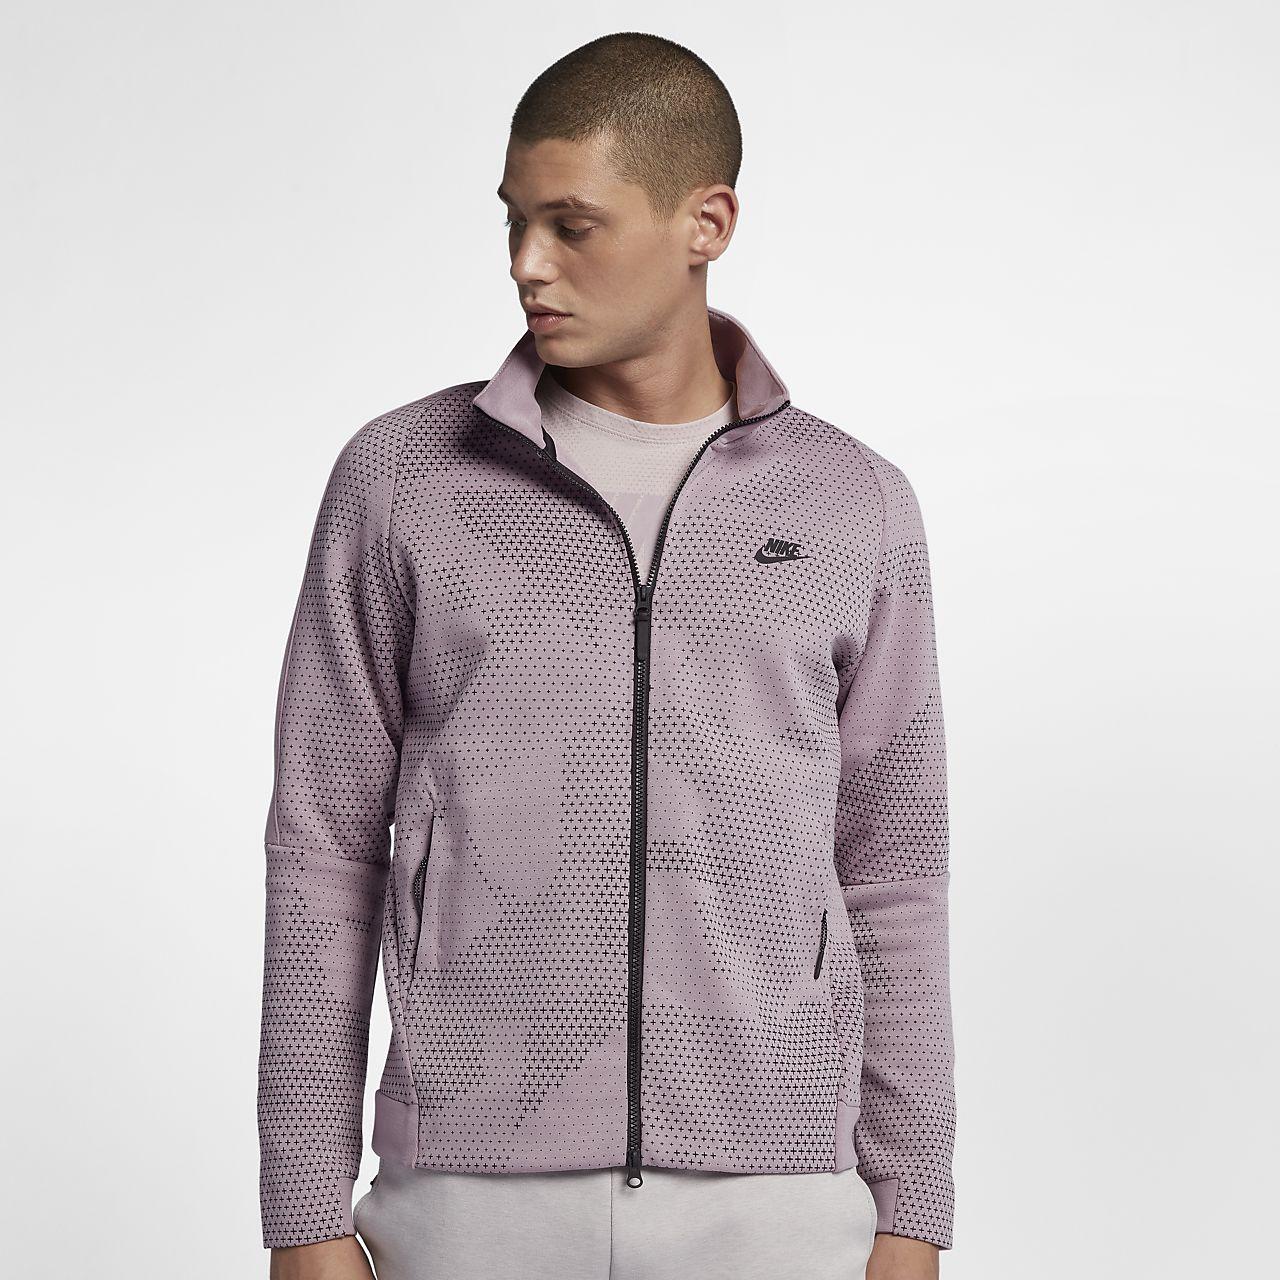 el precio más baratas obtener nueva más fotos Chaqueta Nike Sportswear Tech Fleece para hombre